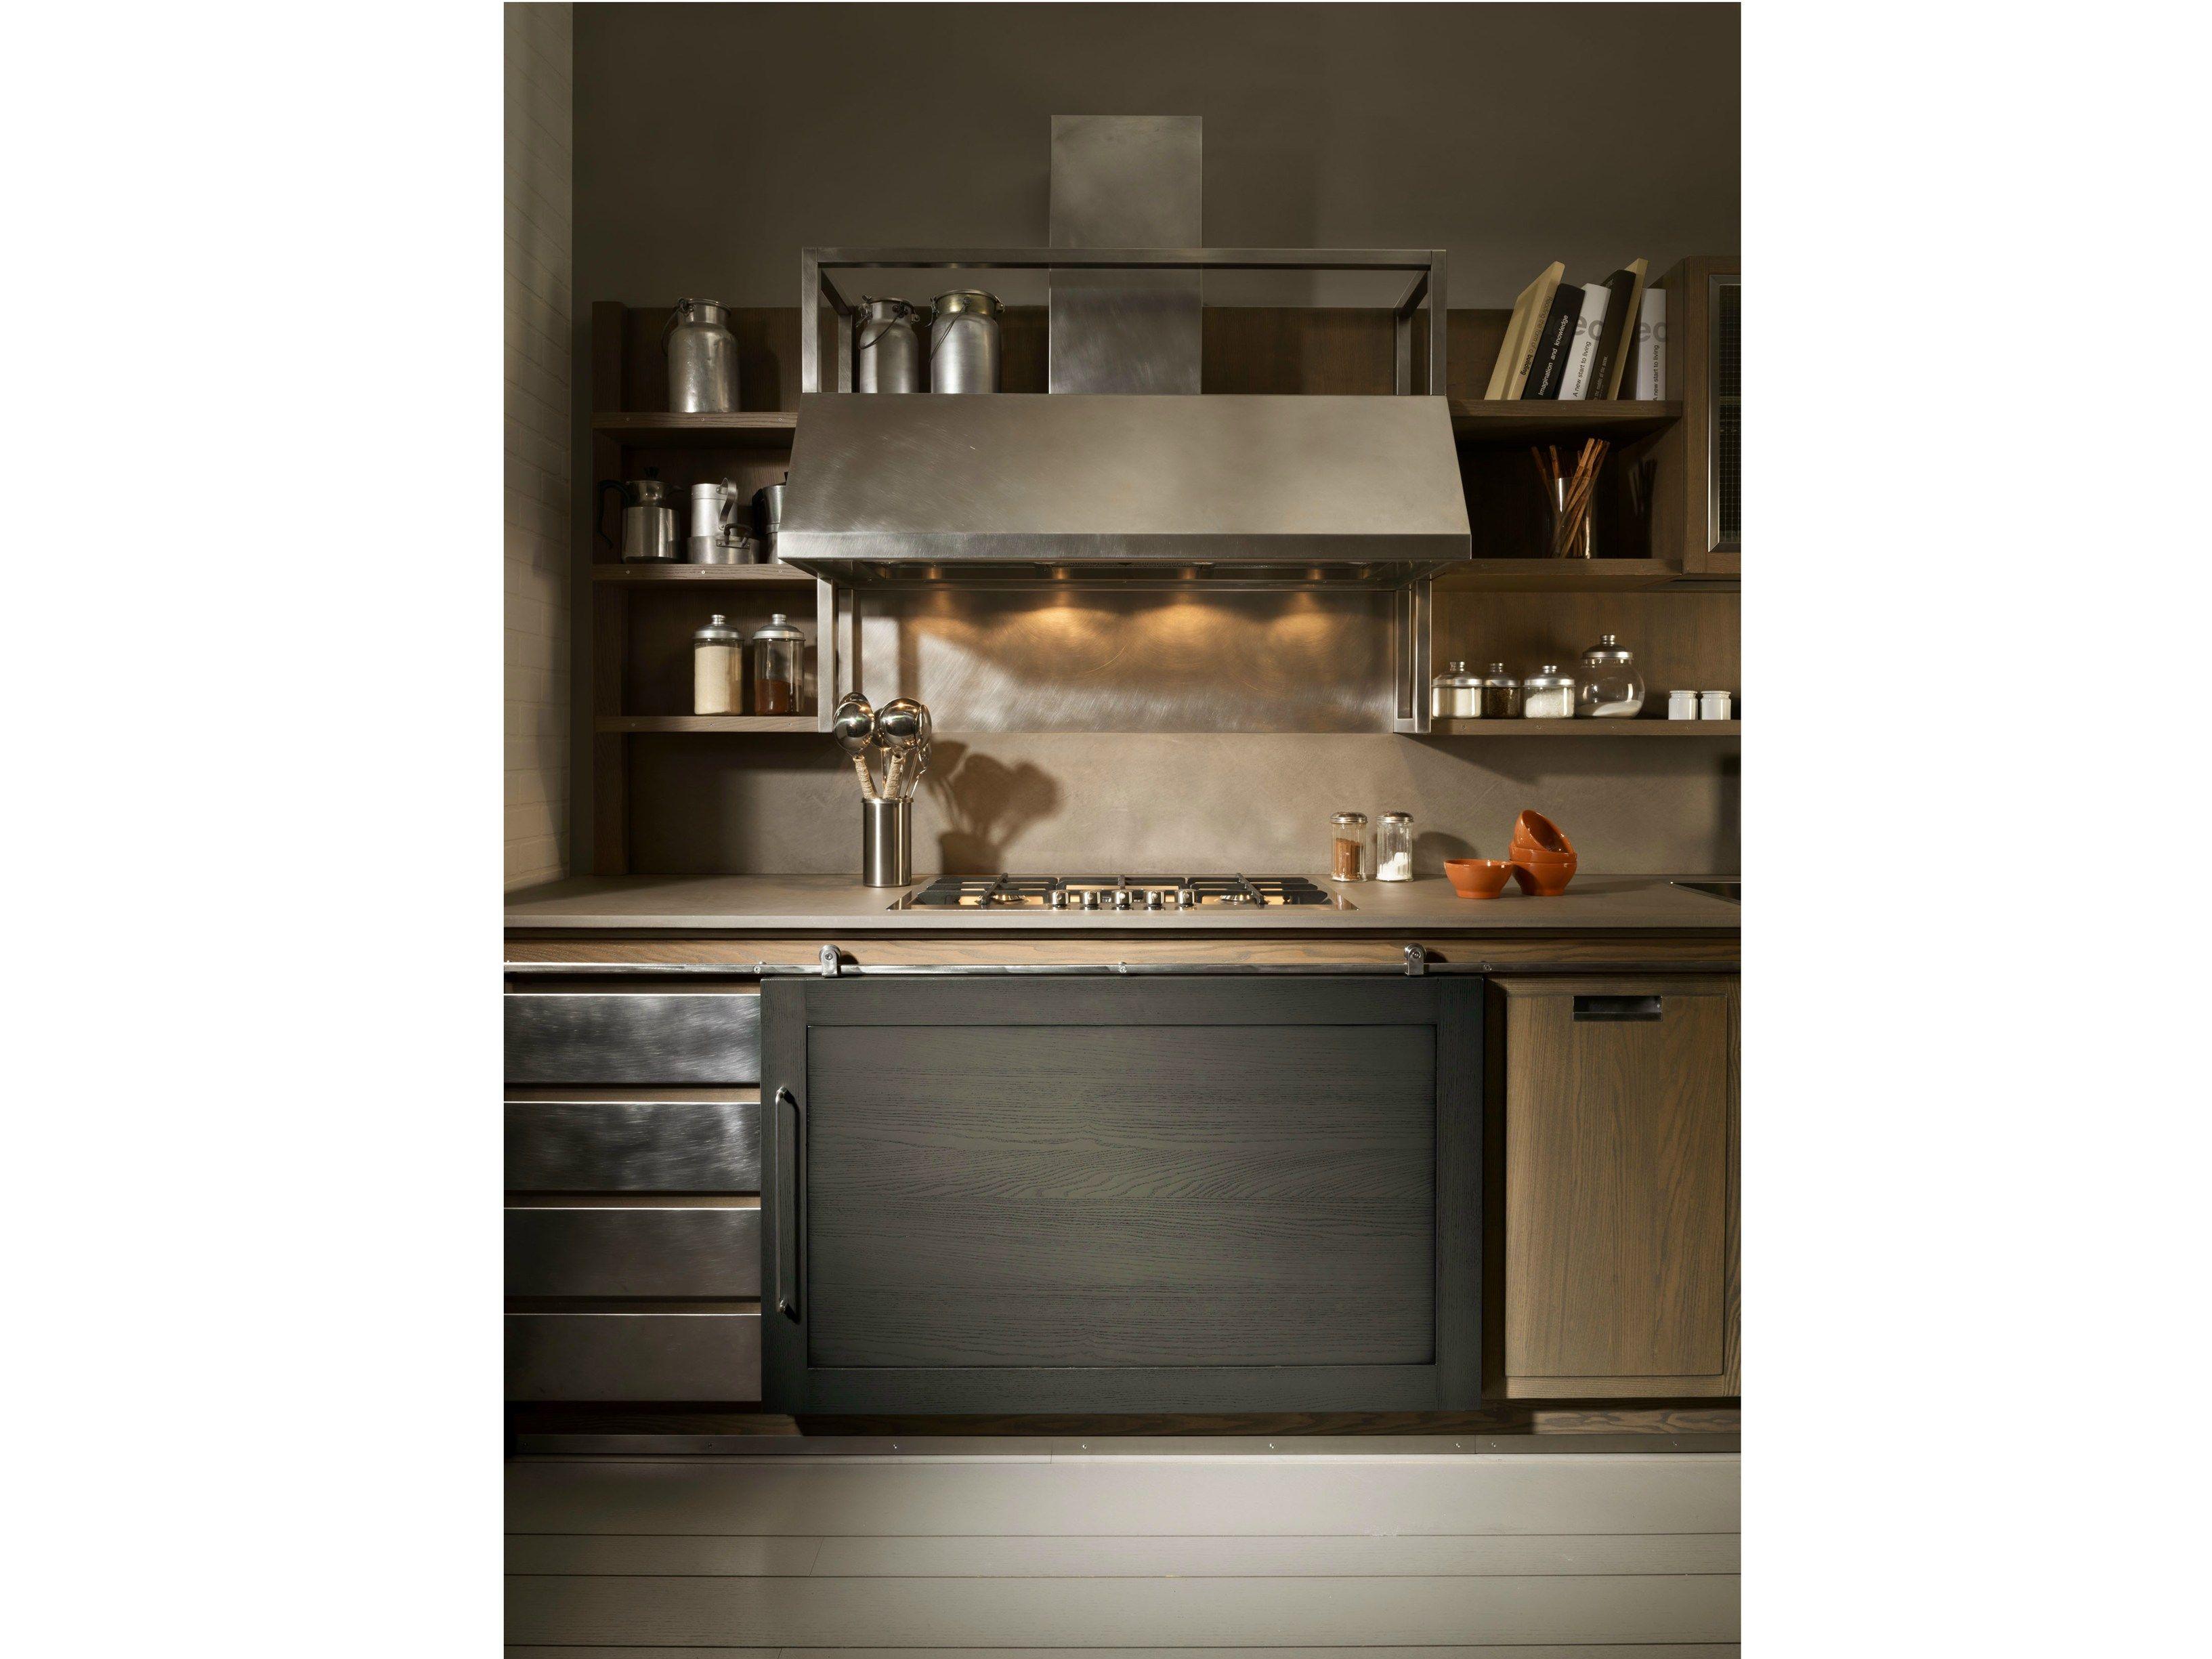 Cucine L Ottocento Prezzi - Design Per La Casa Moderna - Ltay.net